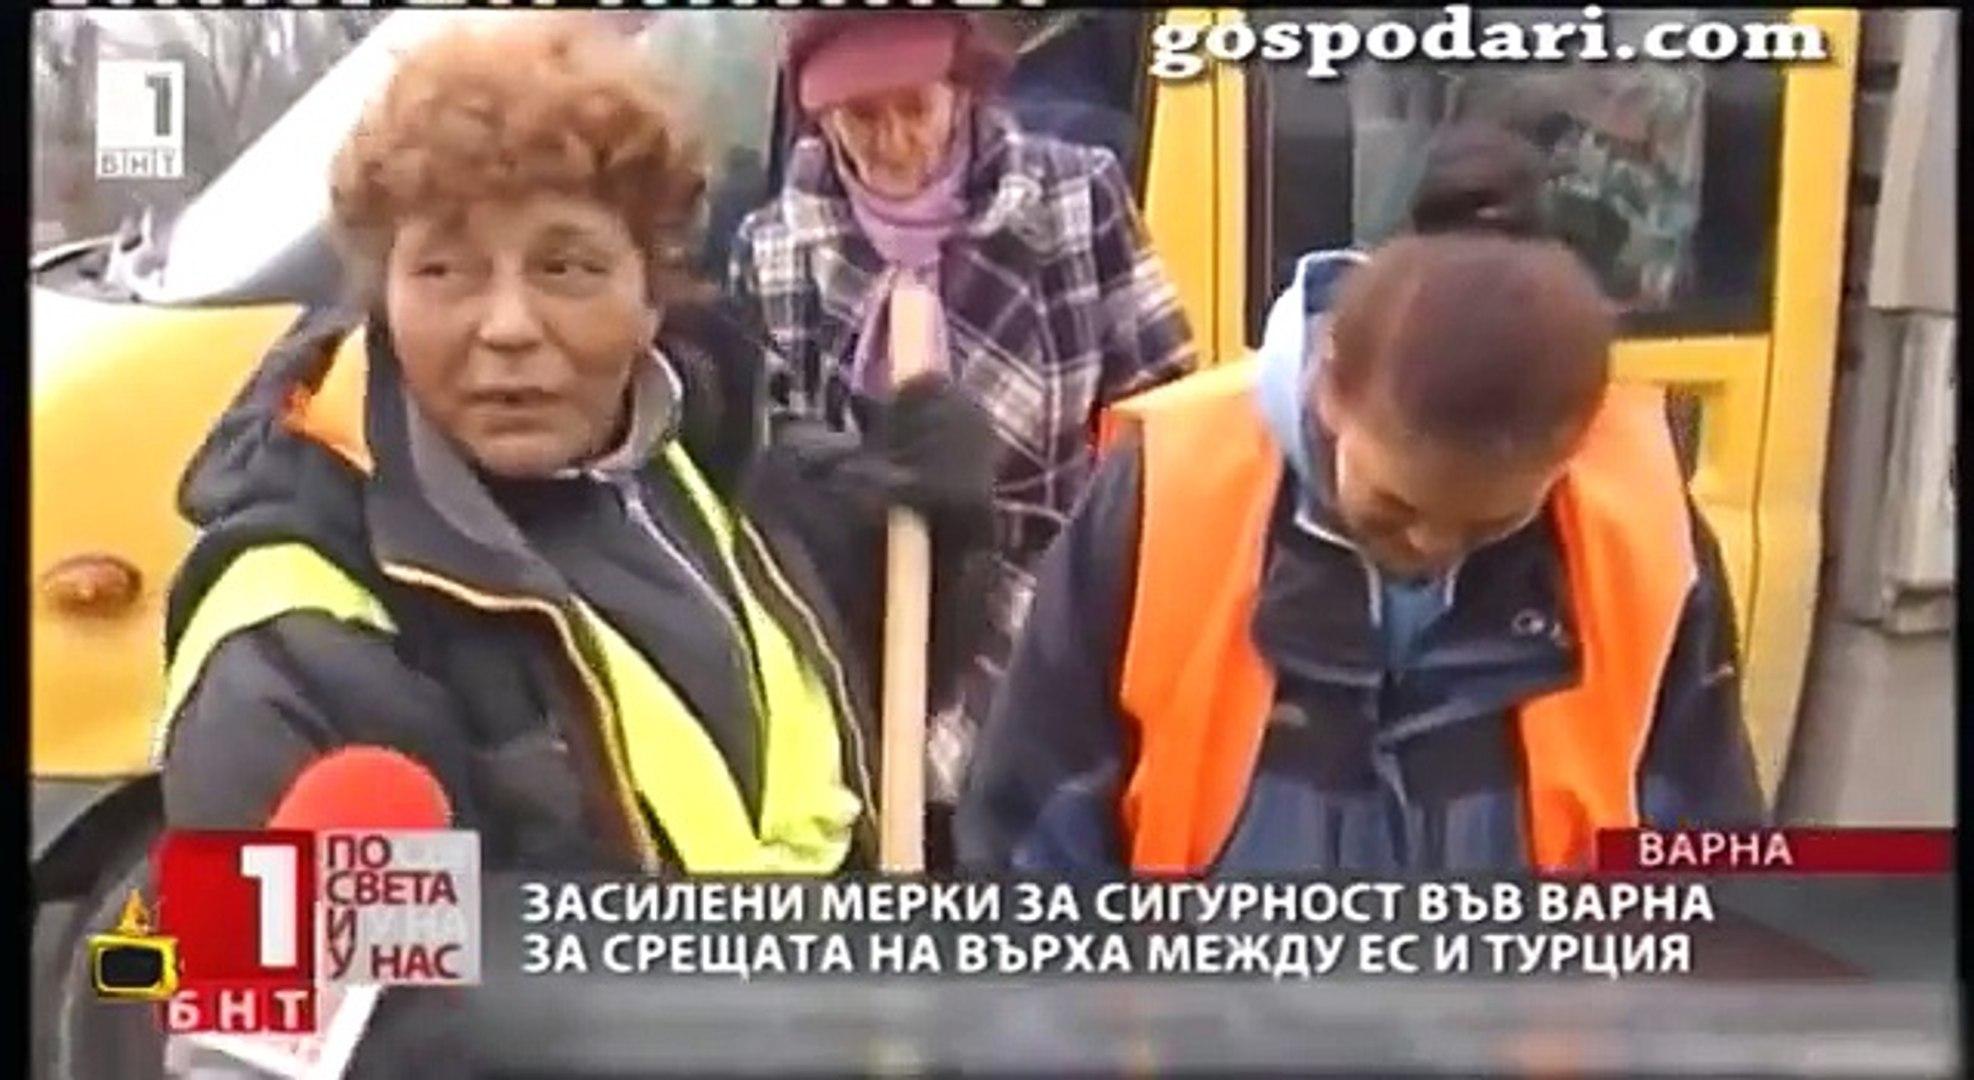 Заради Ердоган или заради България се запълват дупките по пътищата във Варна?